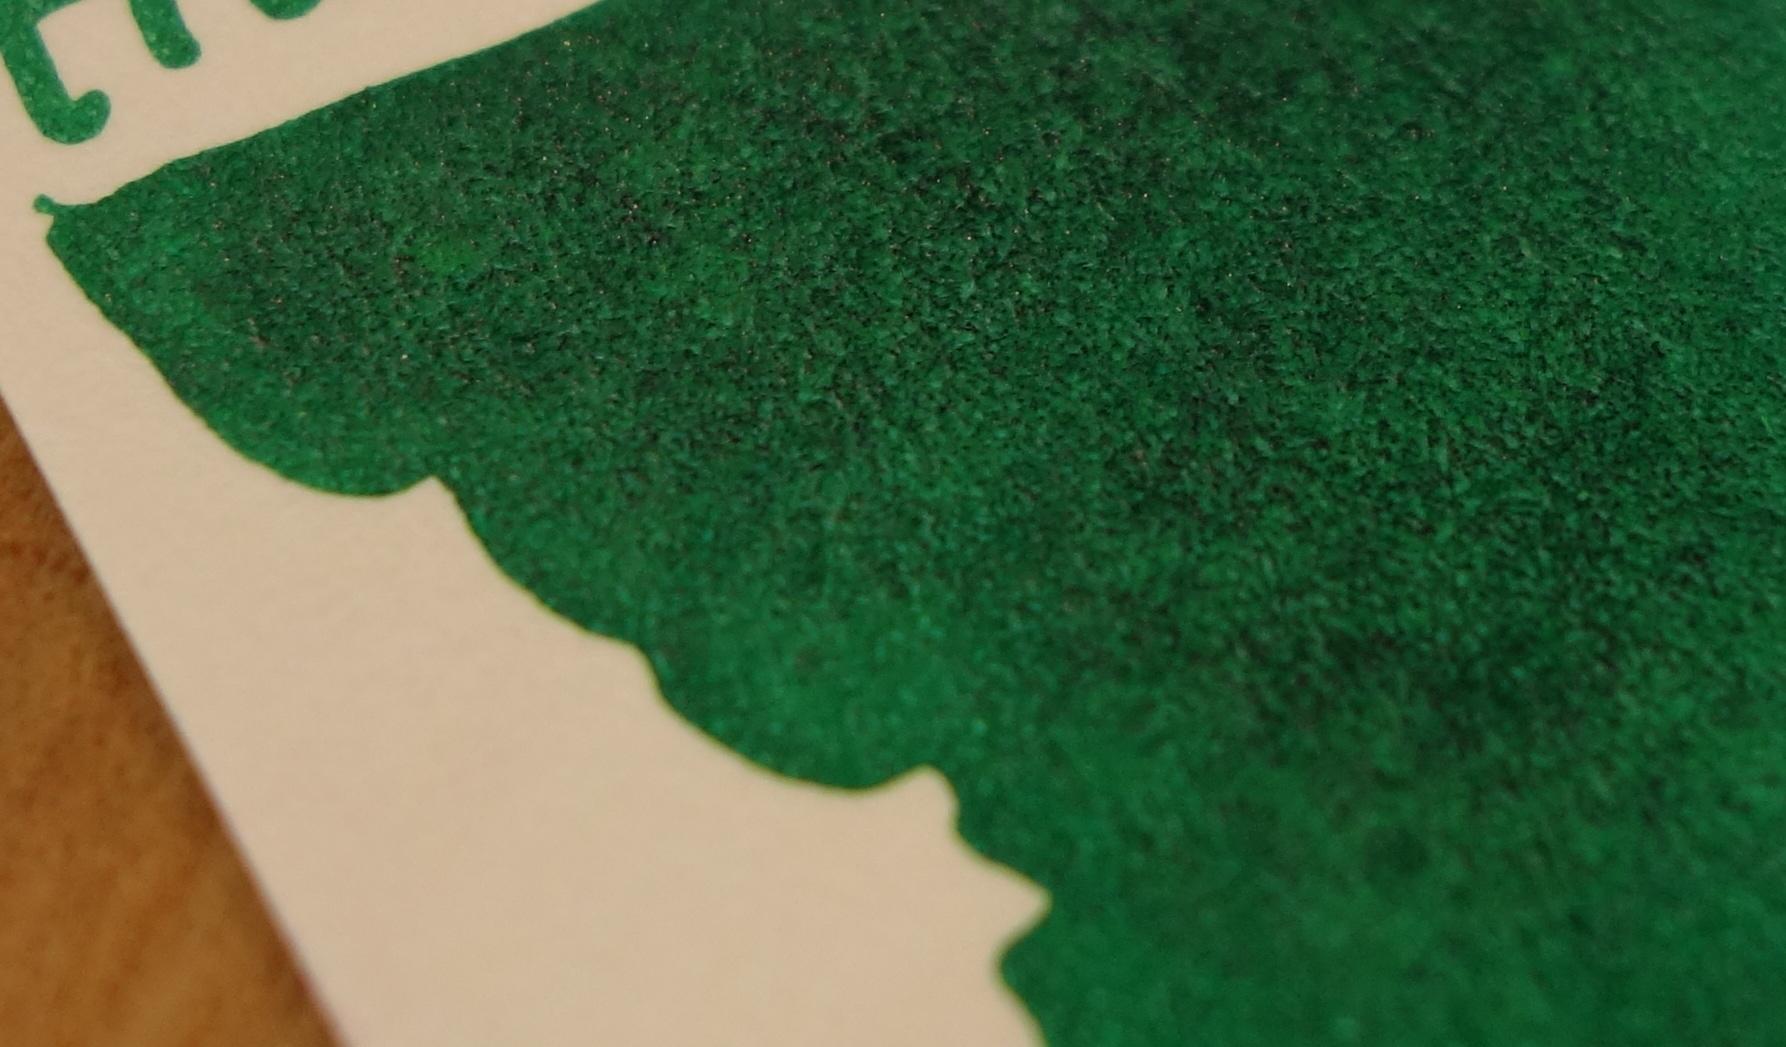 Splotchy Hunter Green